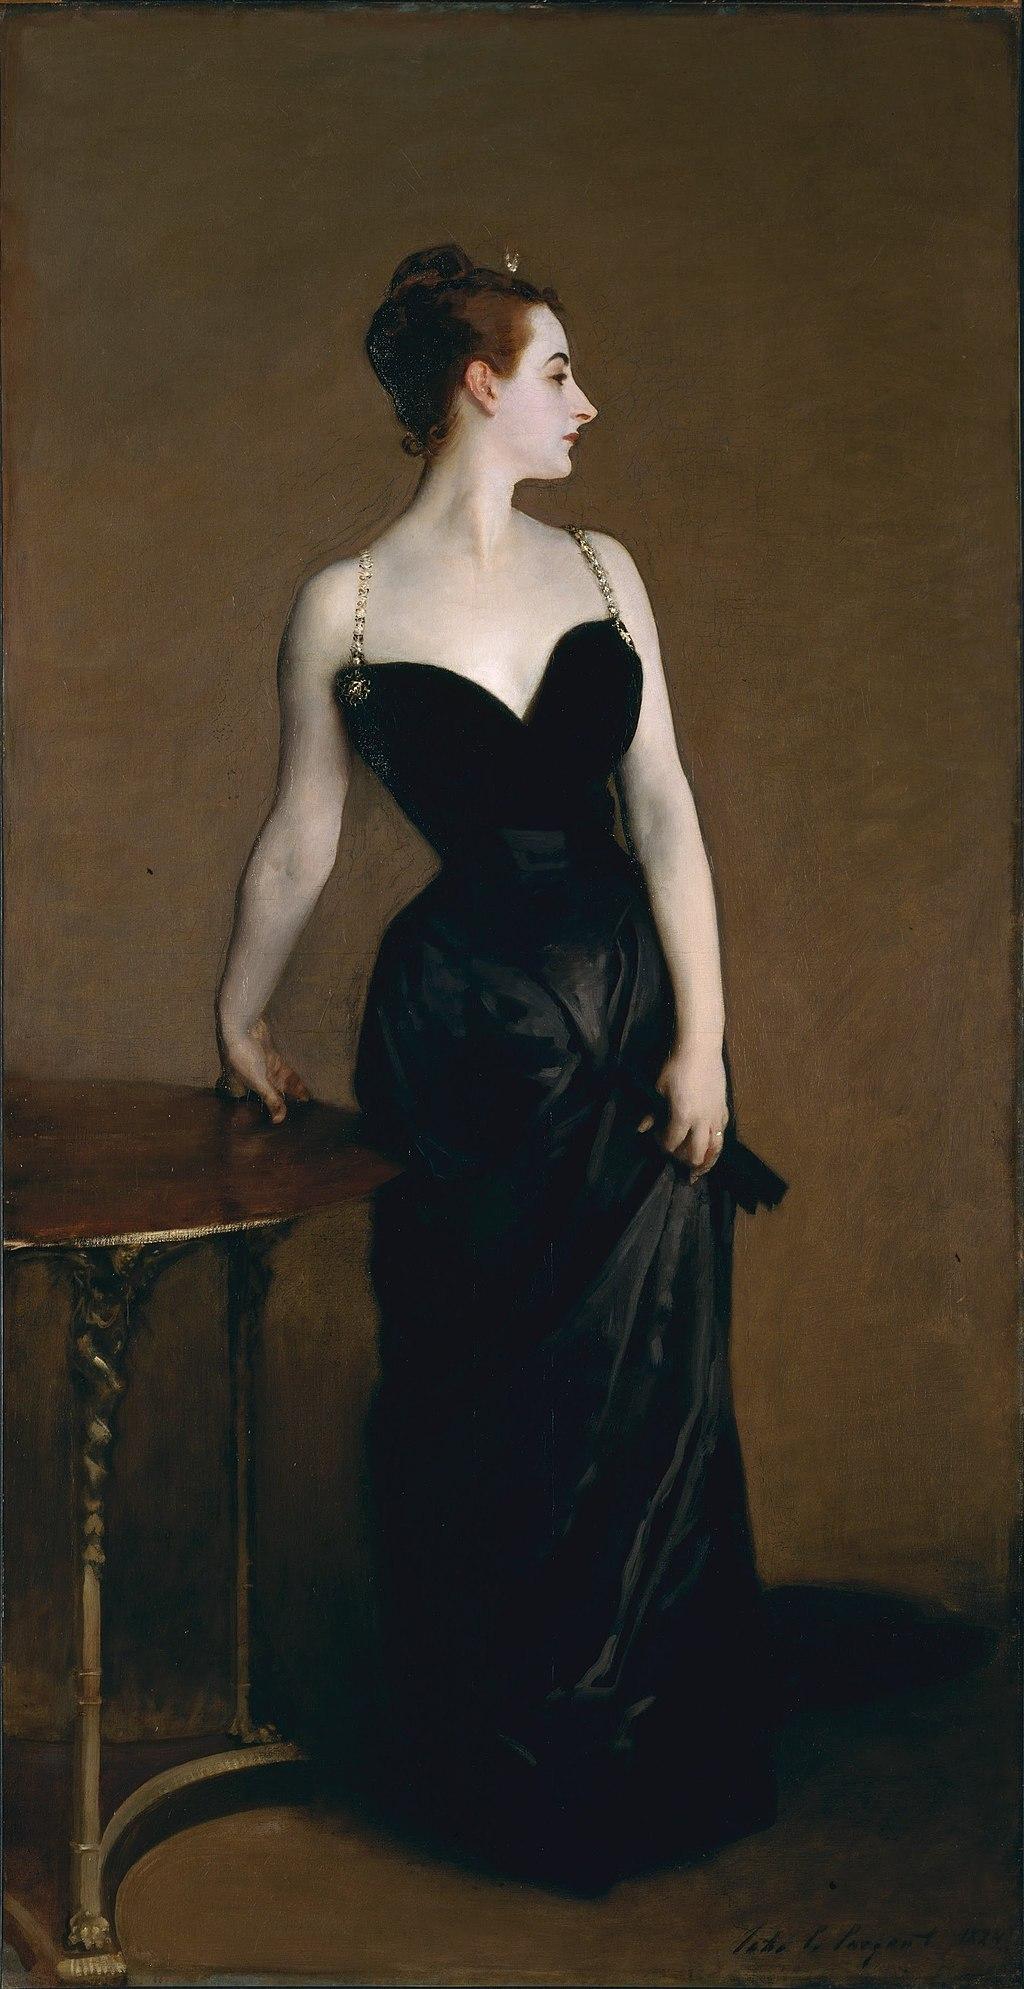 Madame X John Singer Sargent,